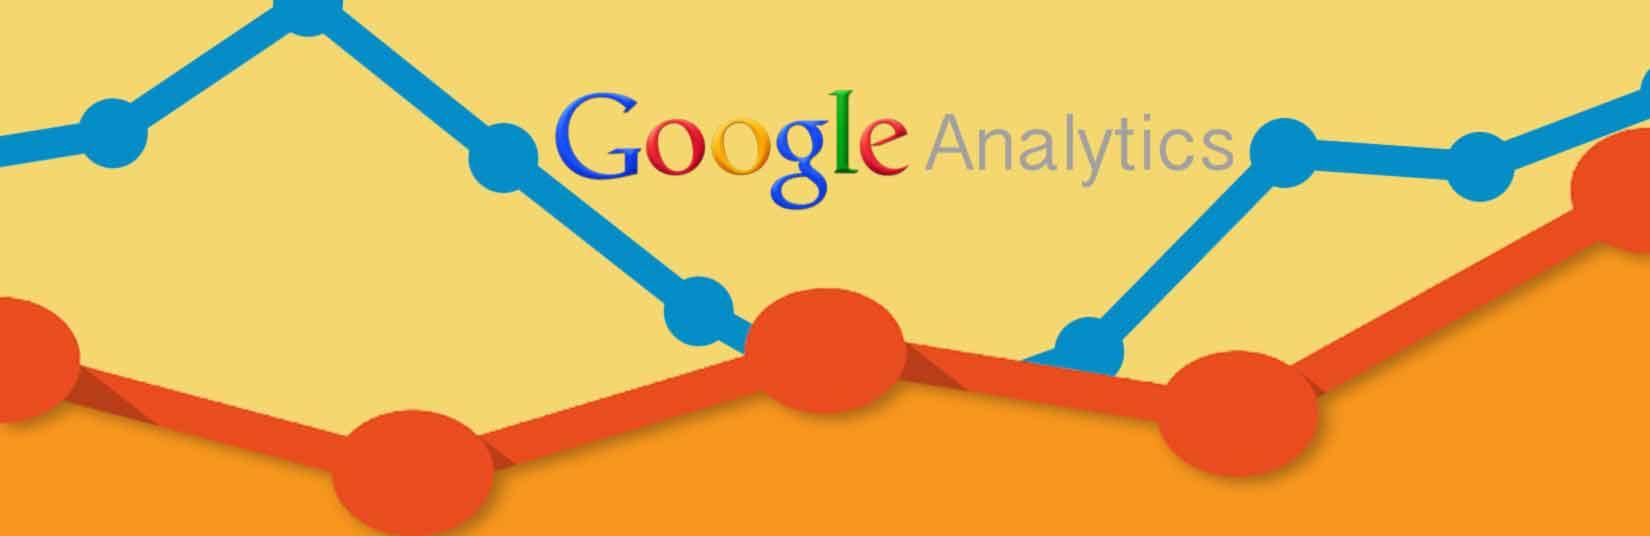 Google Analytics, GA